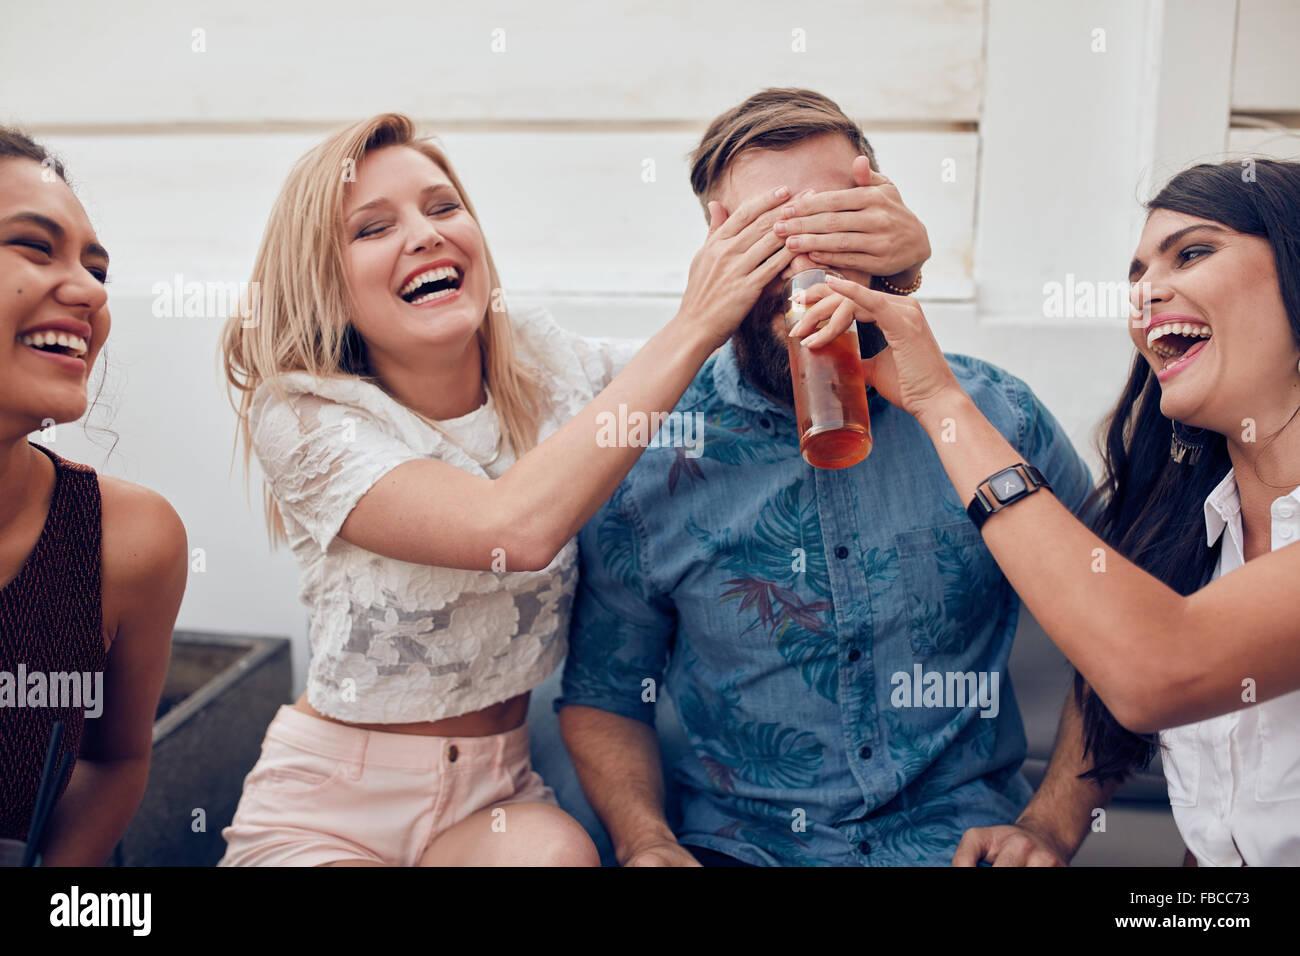 Shot de jeunes gens assis jouissant ensemble partie. Femme fermeture yeux d'un homme avec un autre donner à Photo Stock